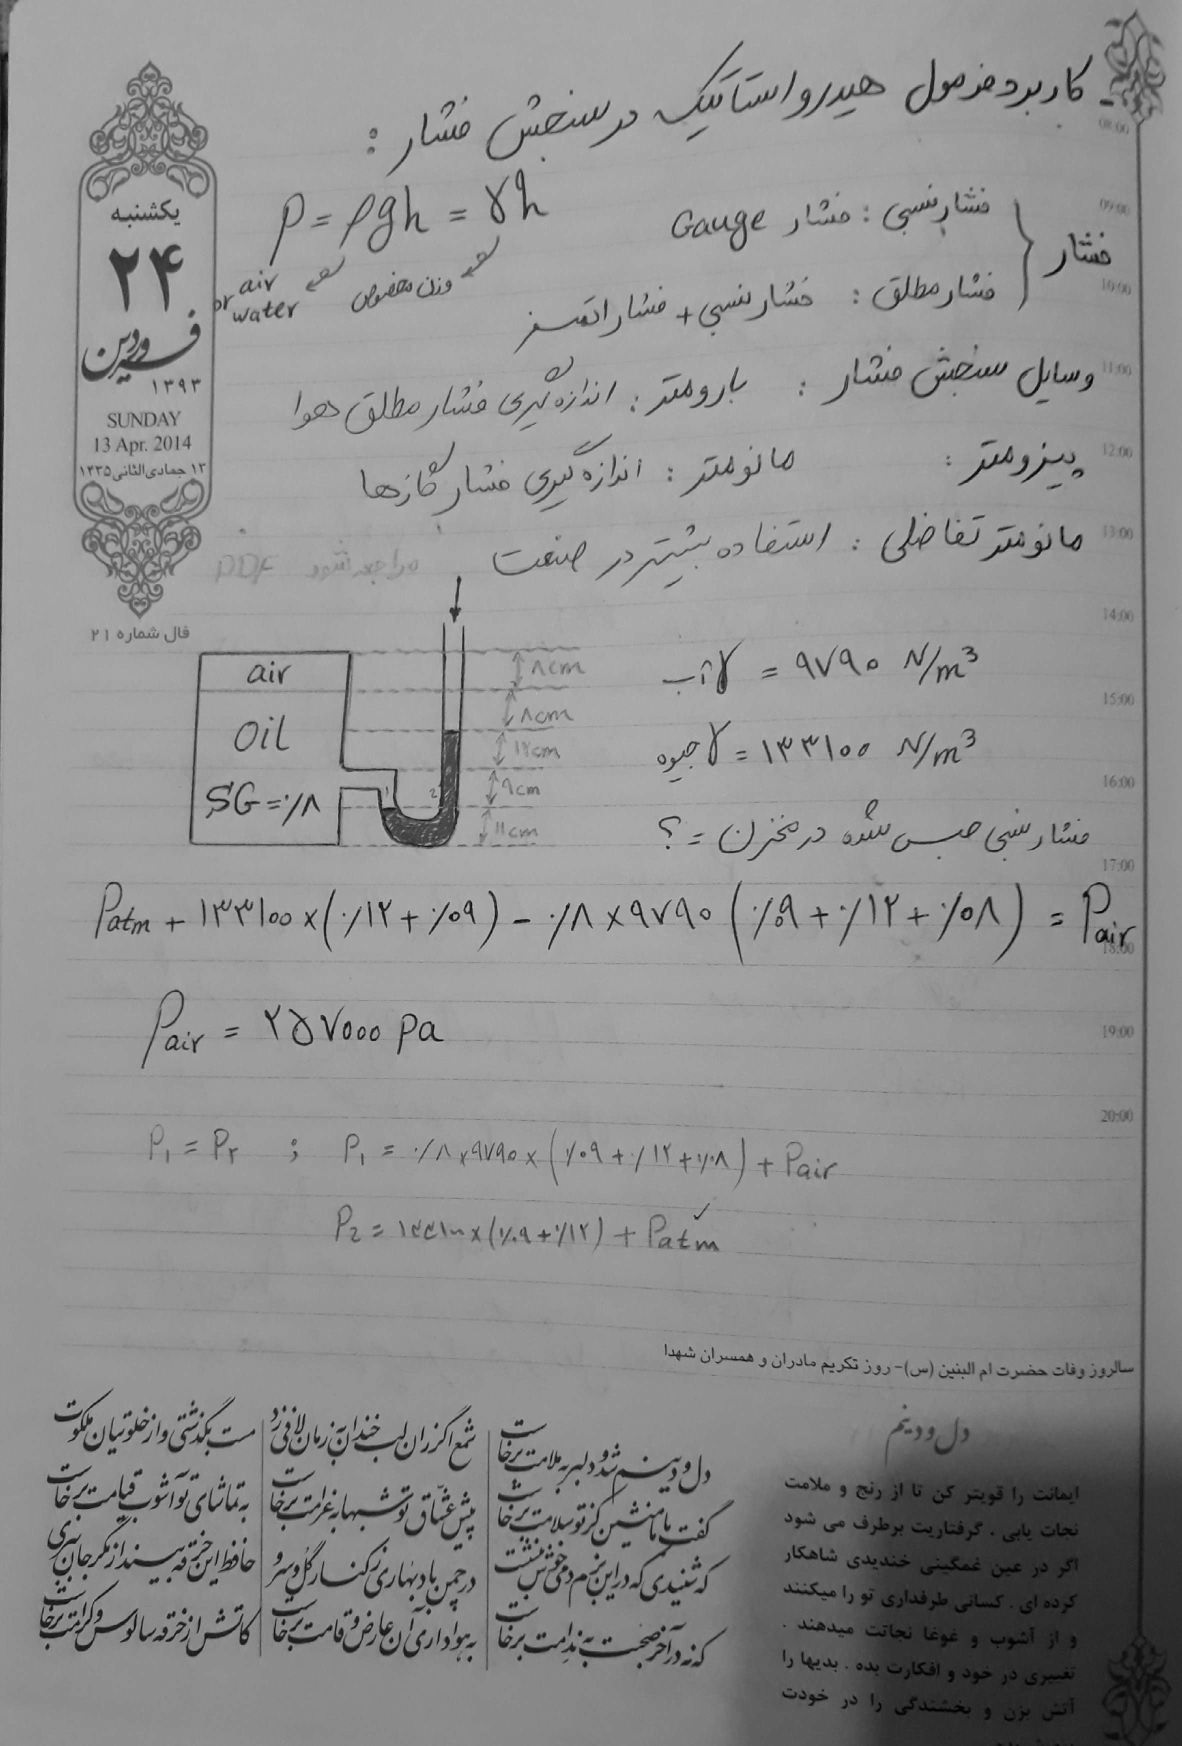 جزوه مکانیک سیالات ۱ دکتر امامی دانشگاه علم و فناوری مازندران